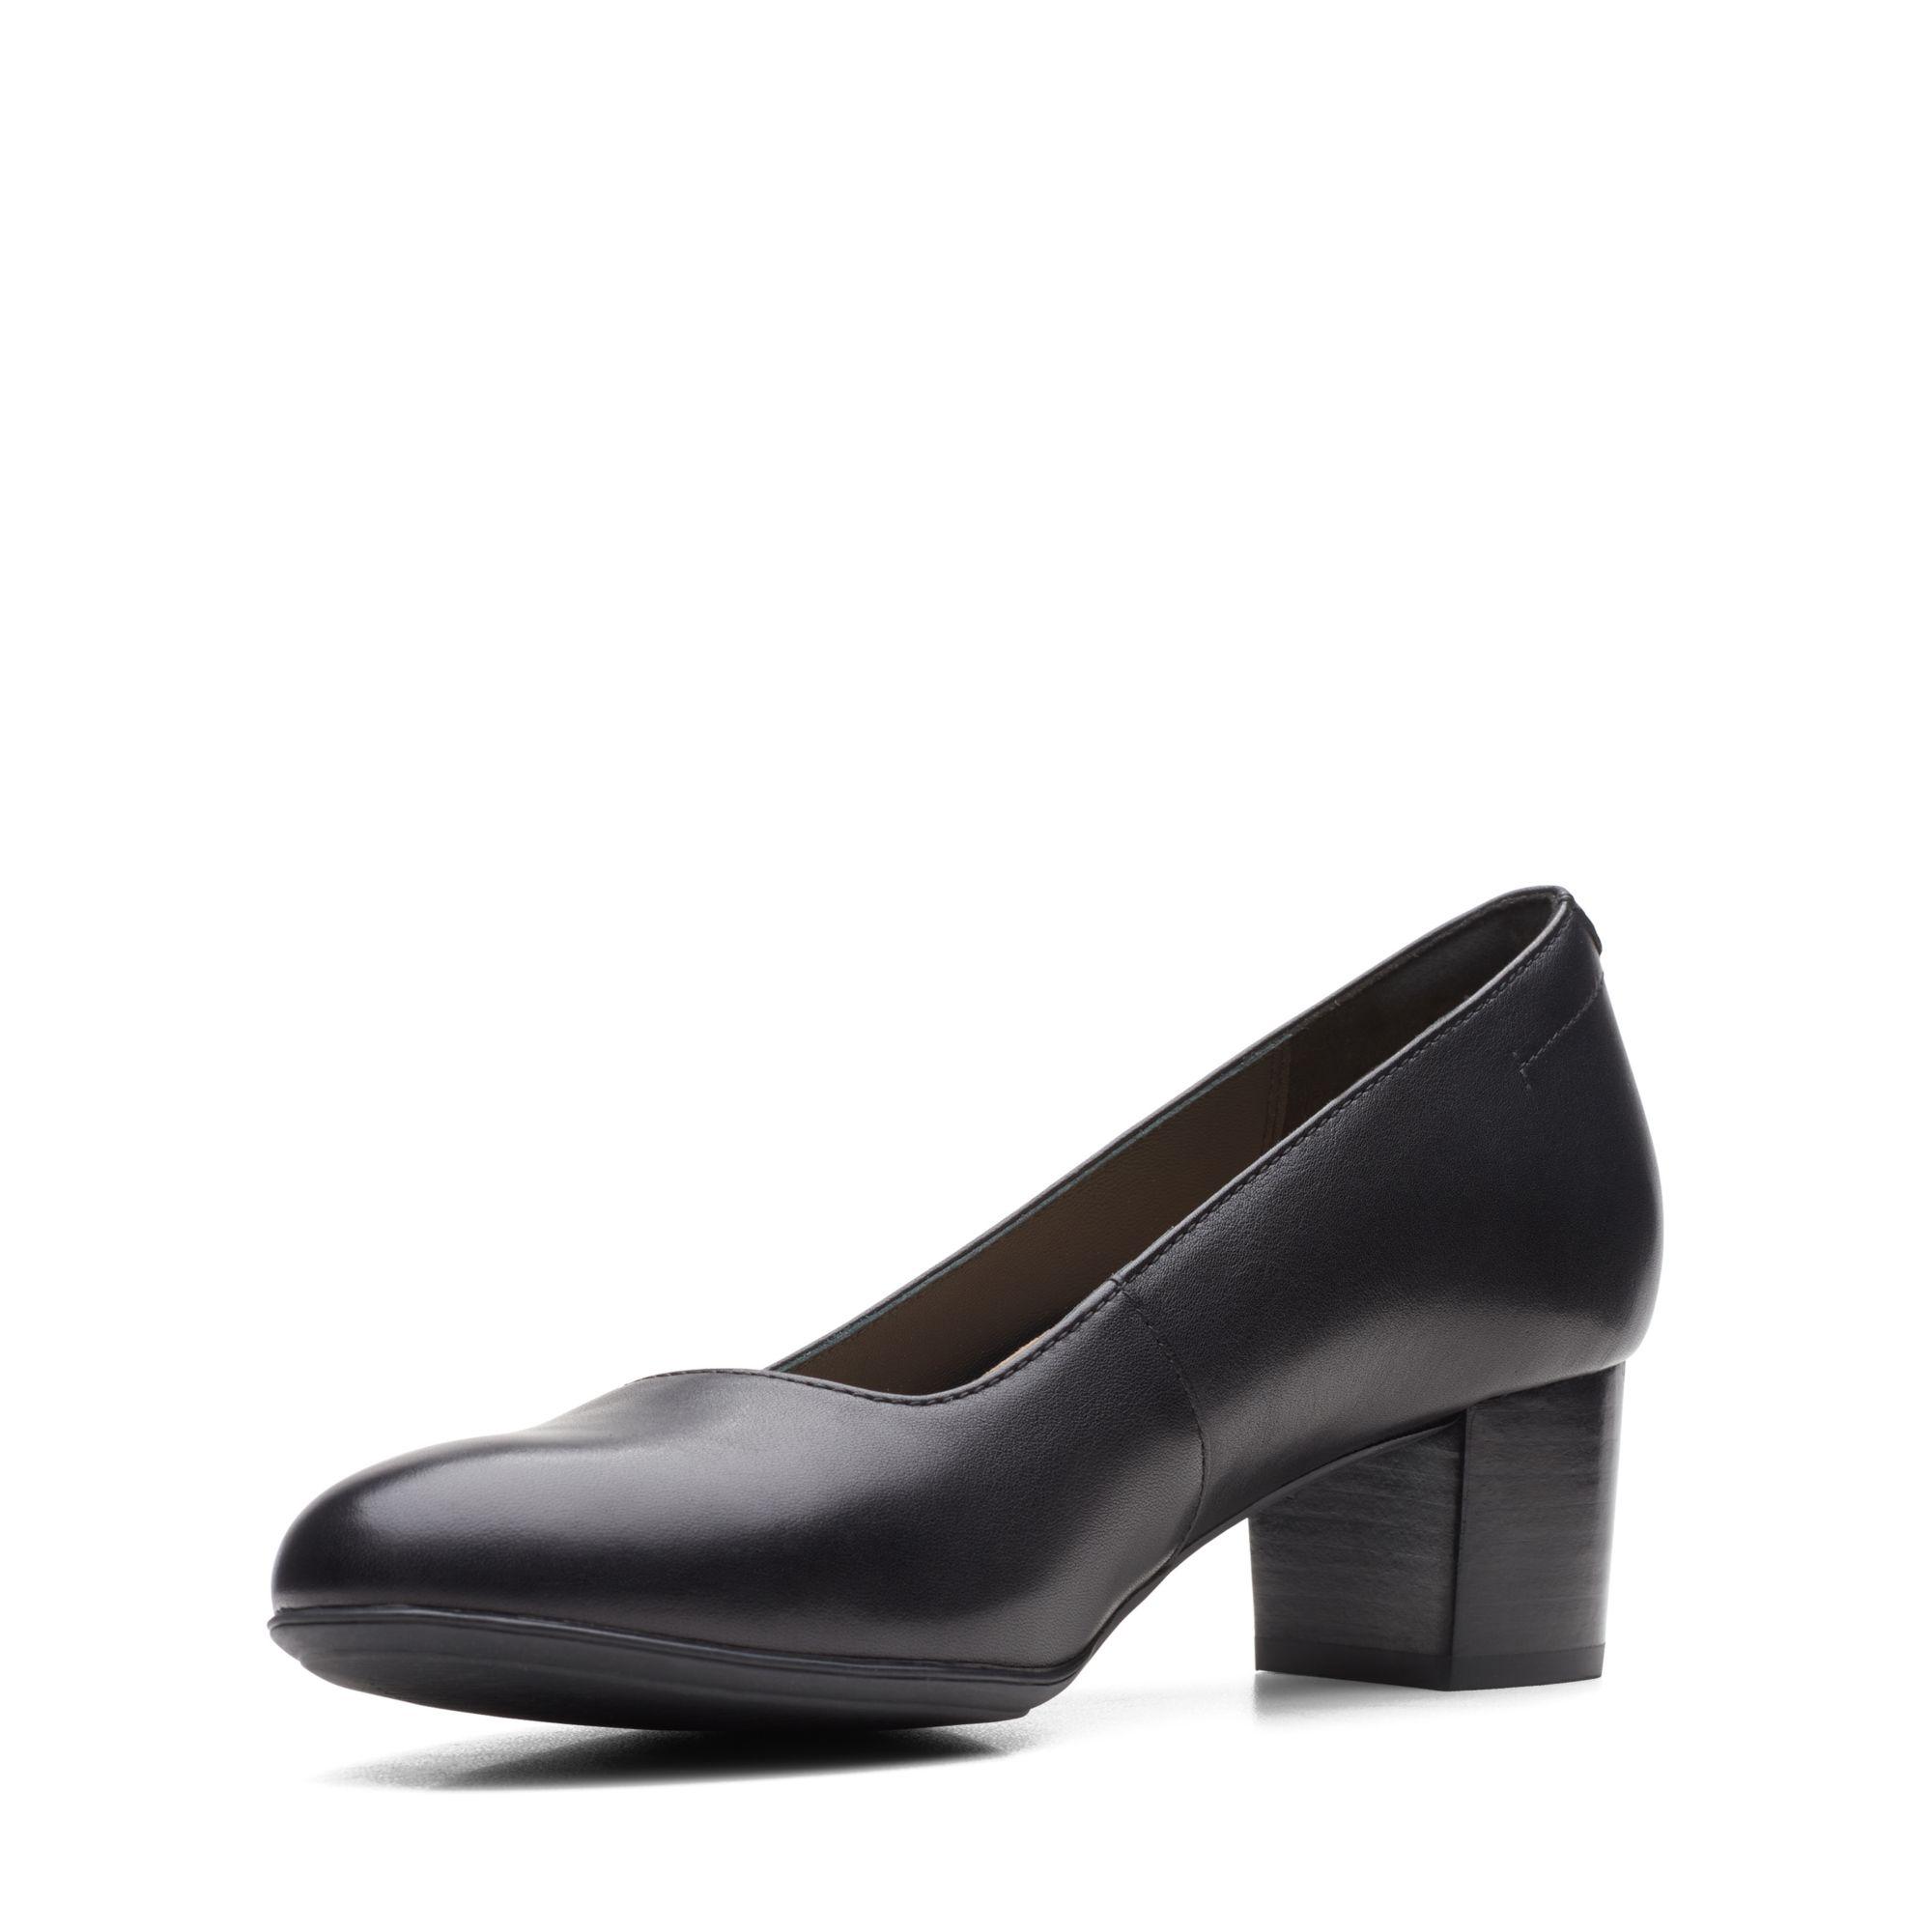 Дамски обувки на ток Clarks Linnae Pump Black Leather - снимка 4